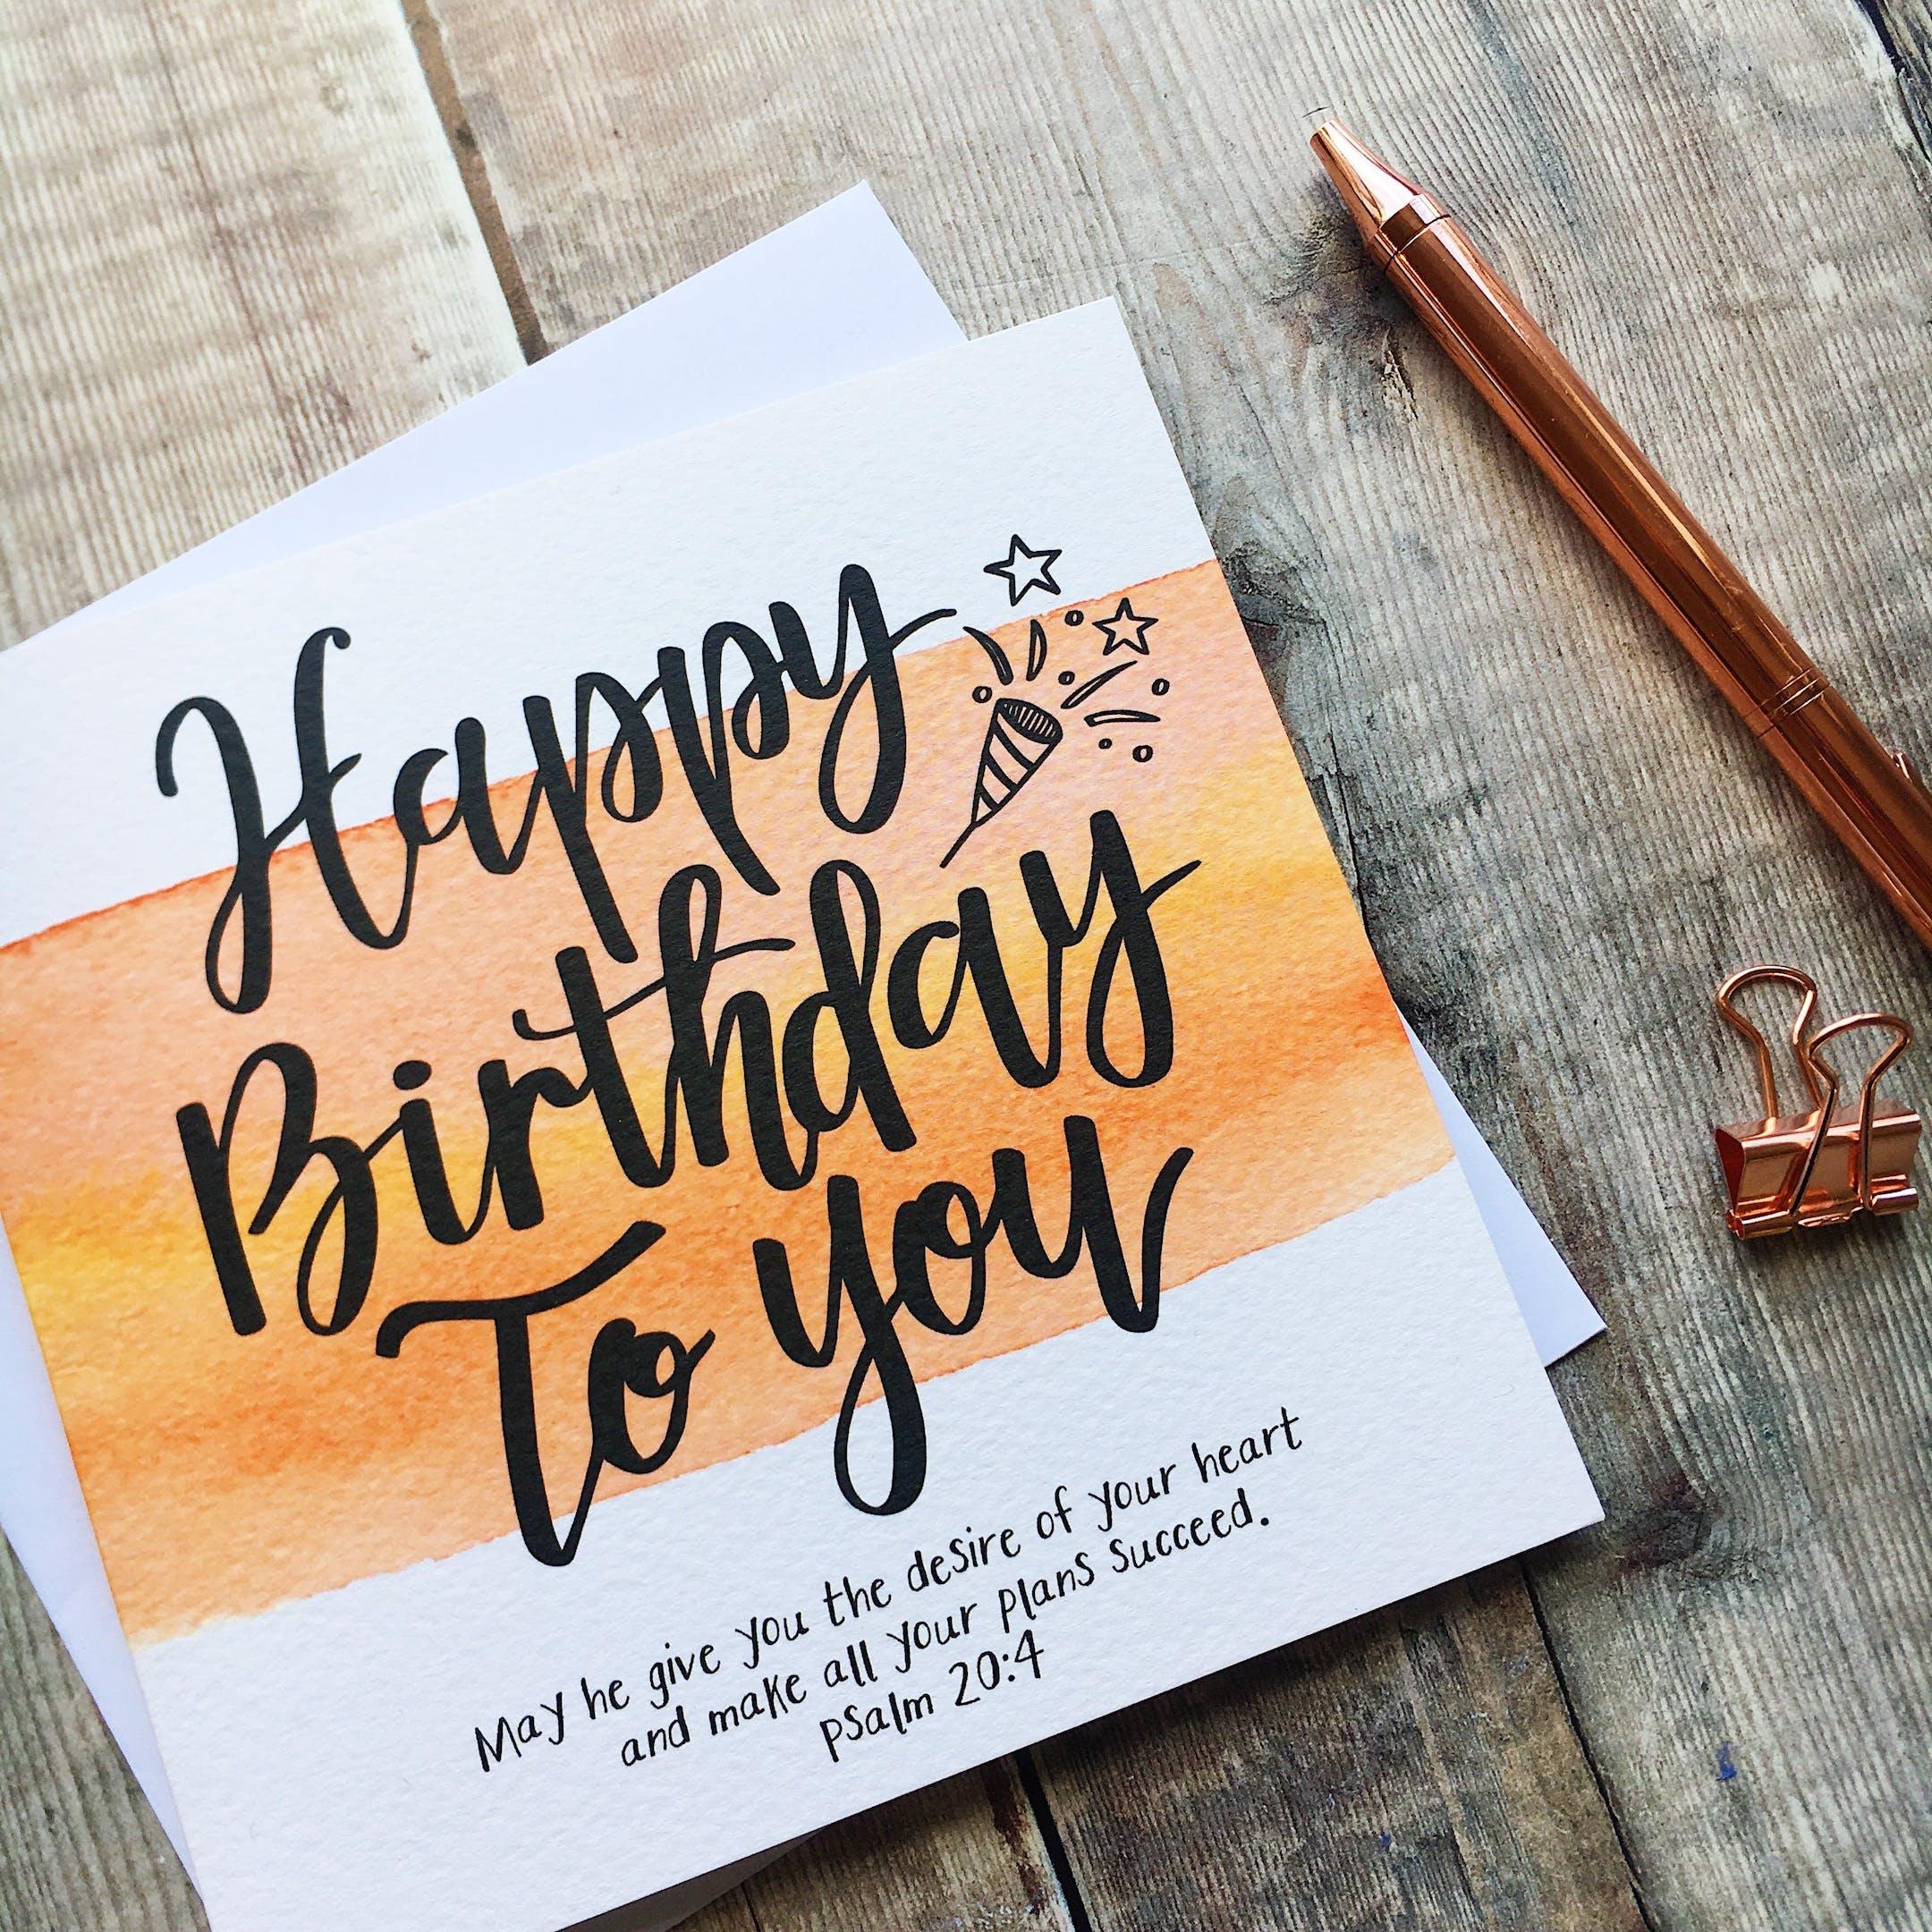 Orange Happy Birthday To You Card - Psalm 20:4 - Izzy and Pop